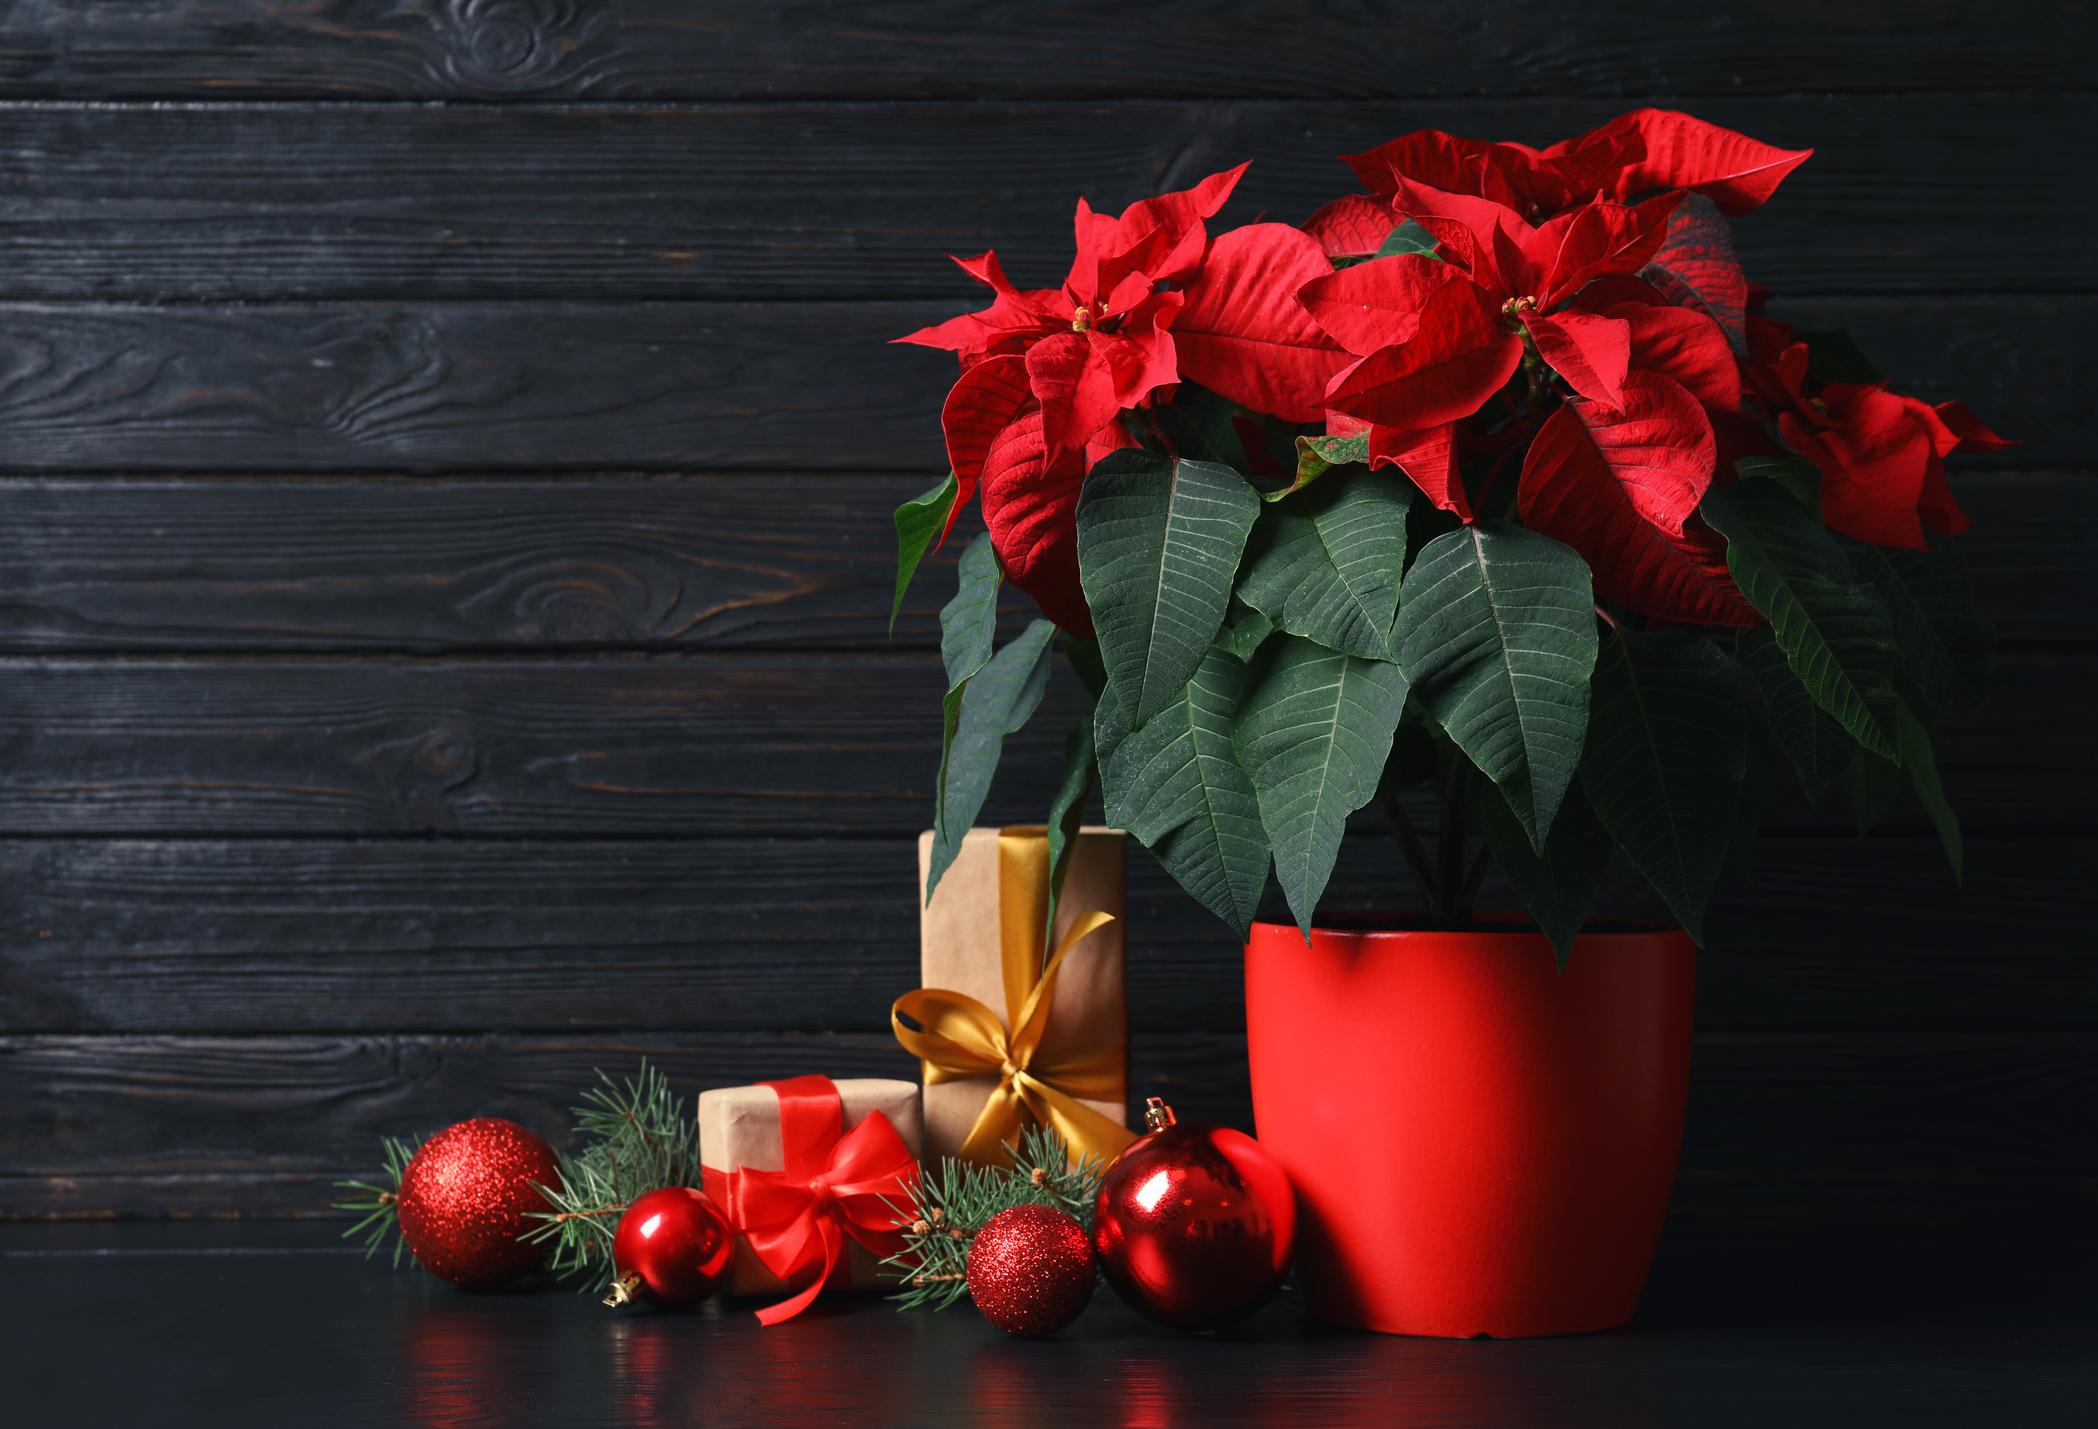 <p>Коледна звезда</p>  <p>Това цвете е един от най-големите символи на празника и същевременно създава пролетно настроение. Подобен подарък би бил най-подходящ за близък до вас човек, който обича цветята и си отглежда всички възможни растения у дома. А коледната звезда ще напомня за това, че познавате и харесвате човека такъв, какъвто е.</p>